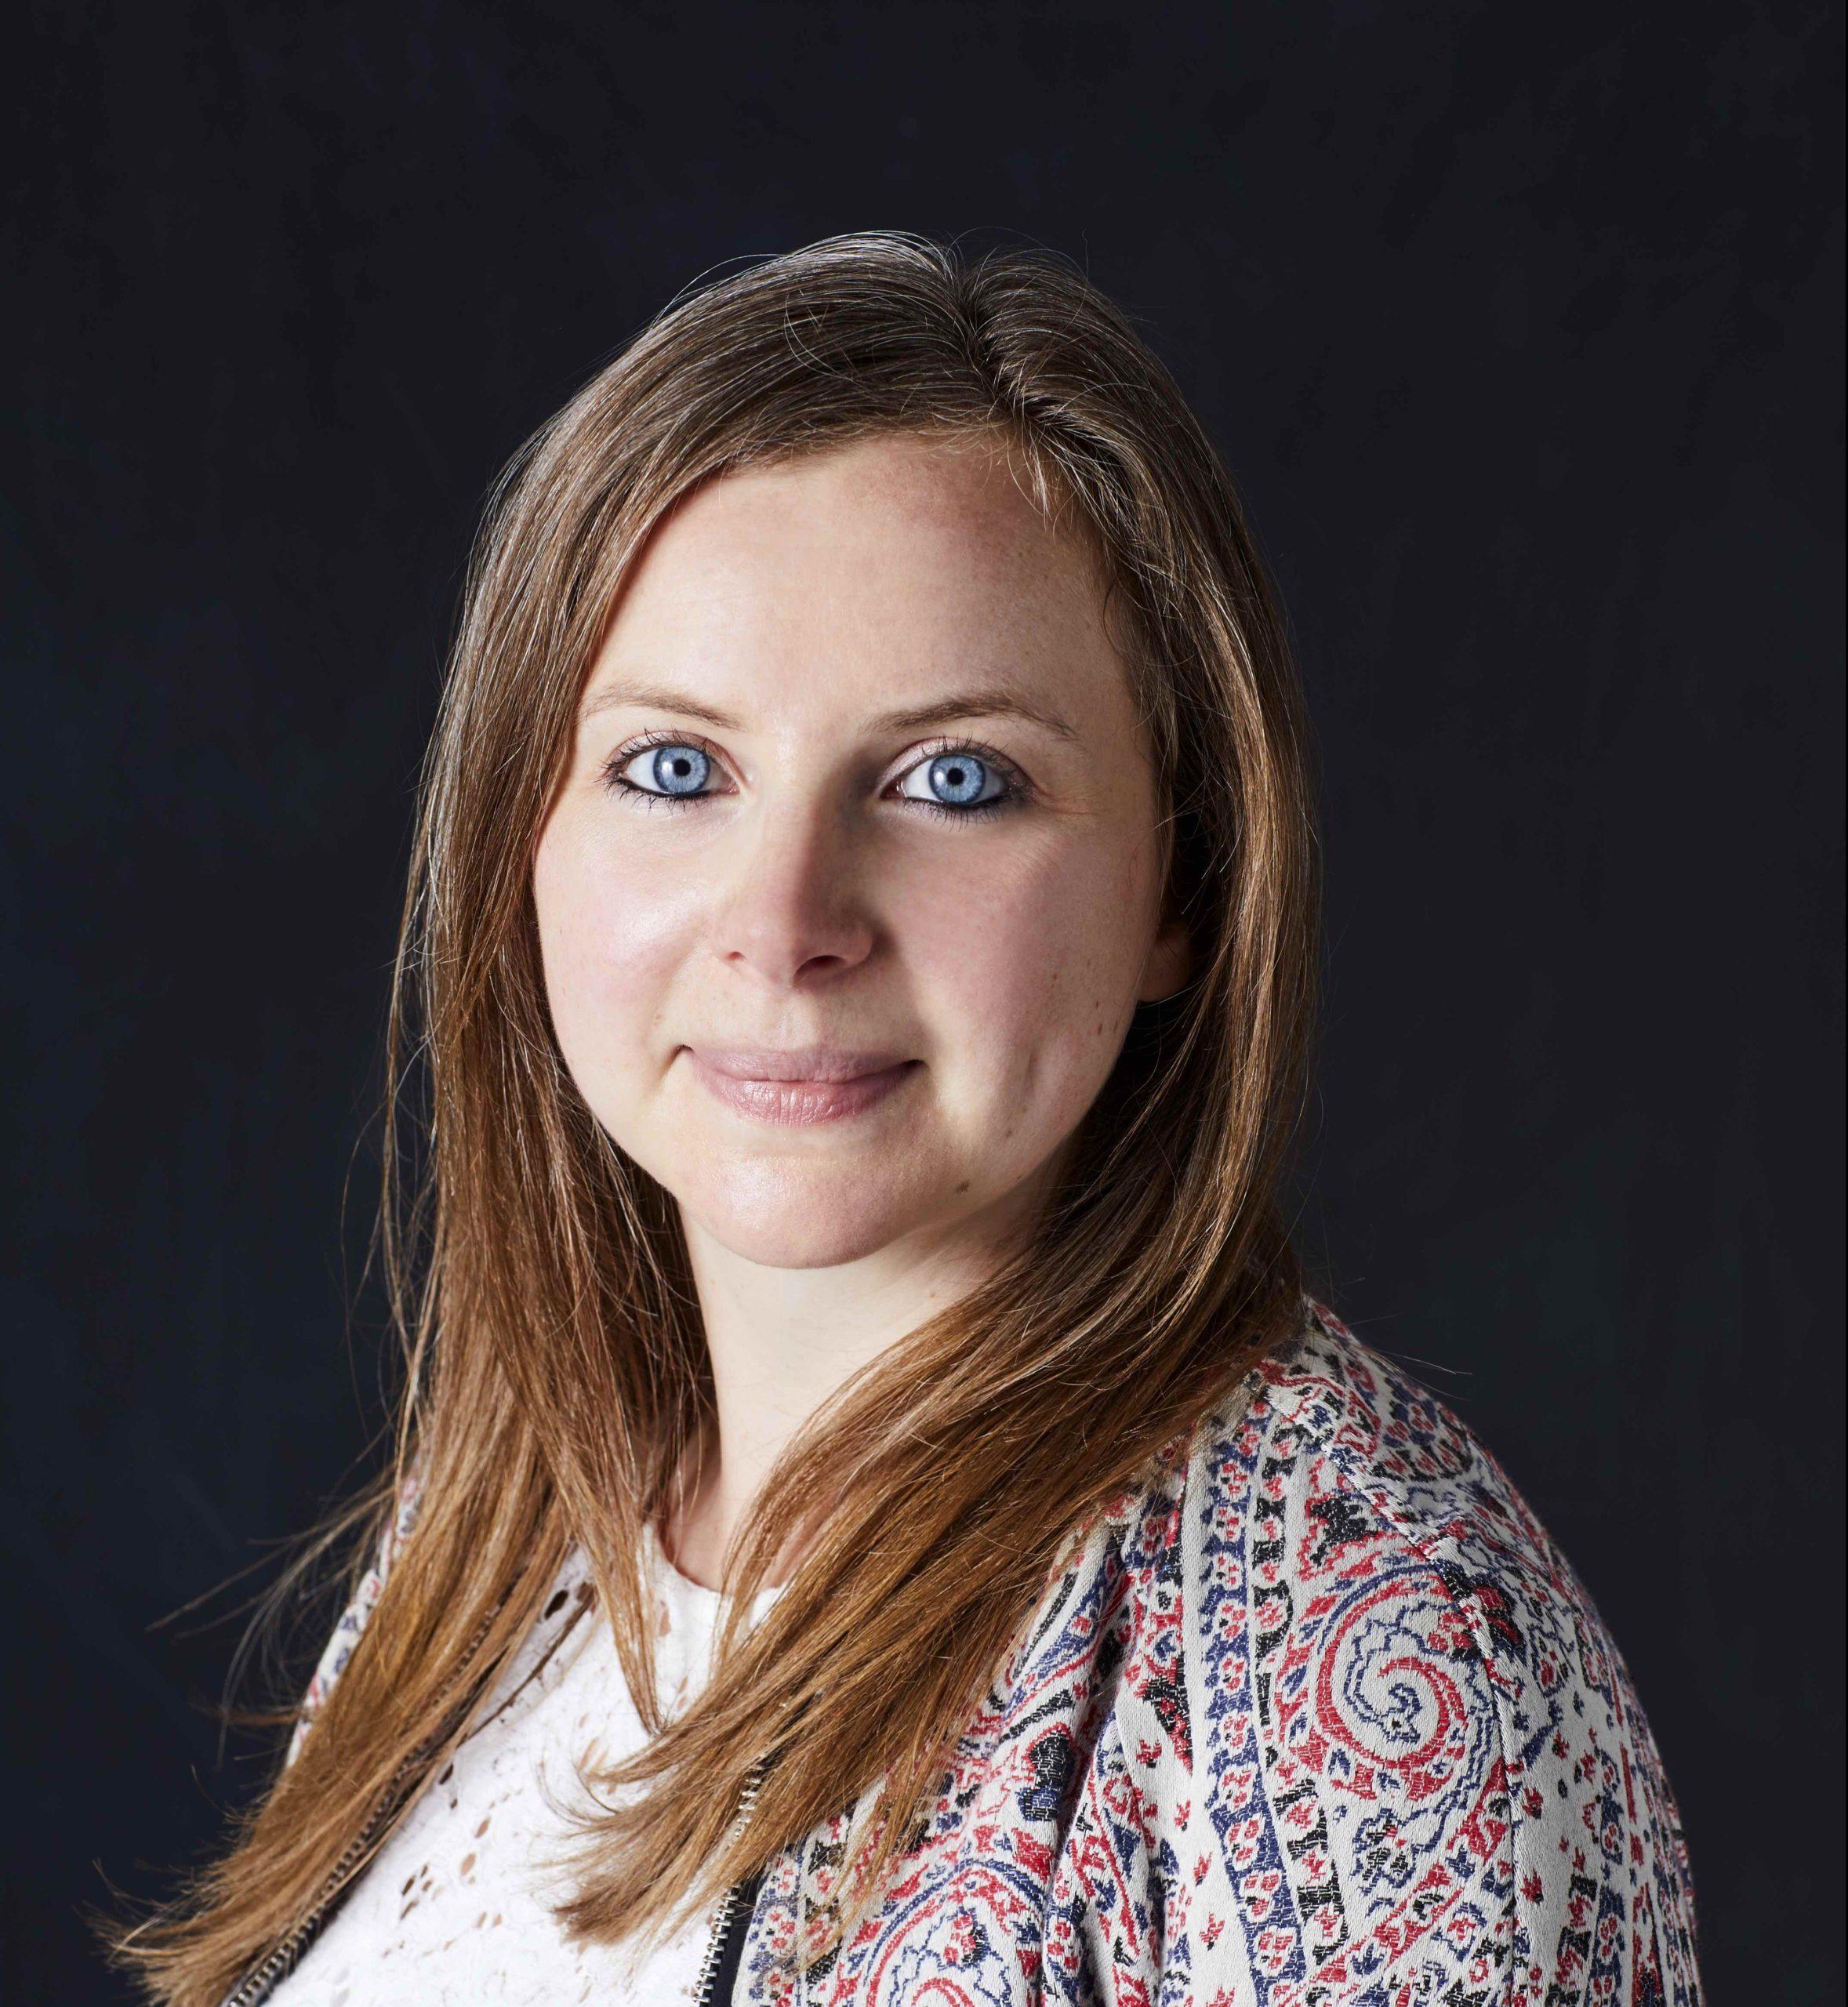 Zoe Eastwood Profile Image